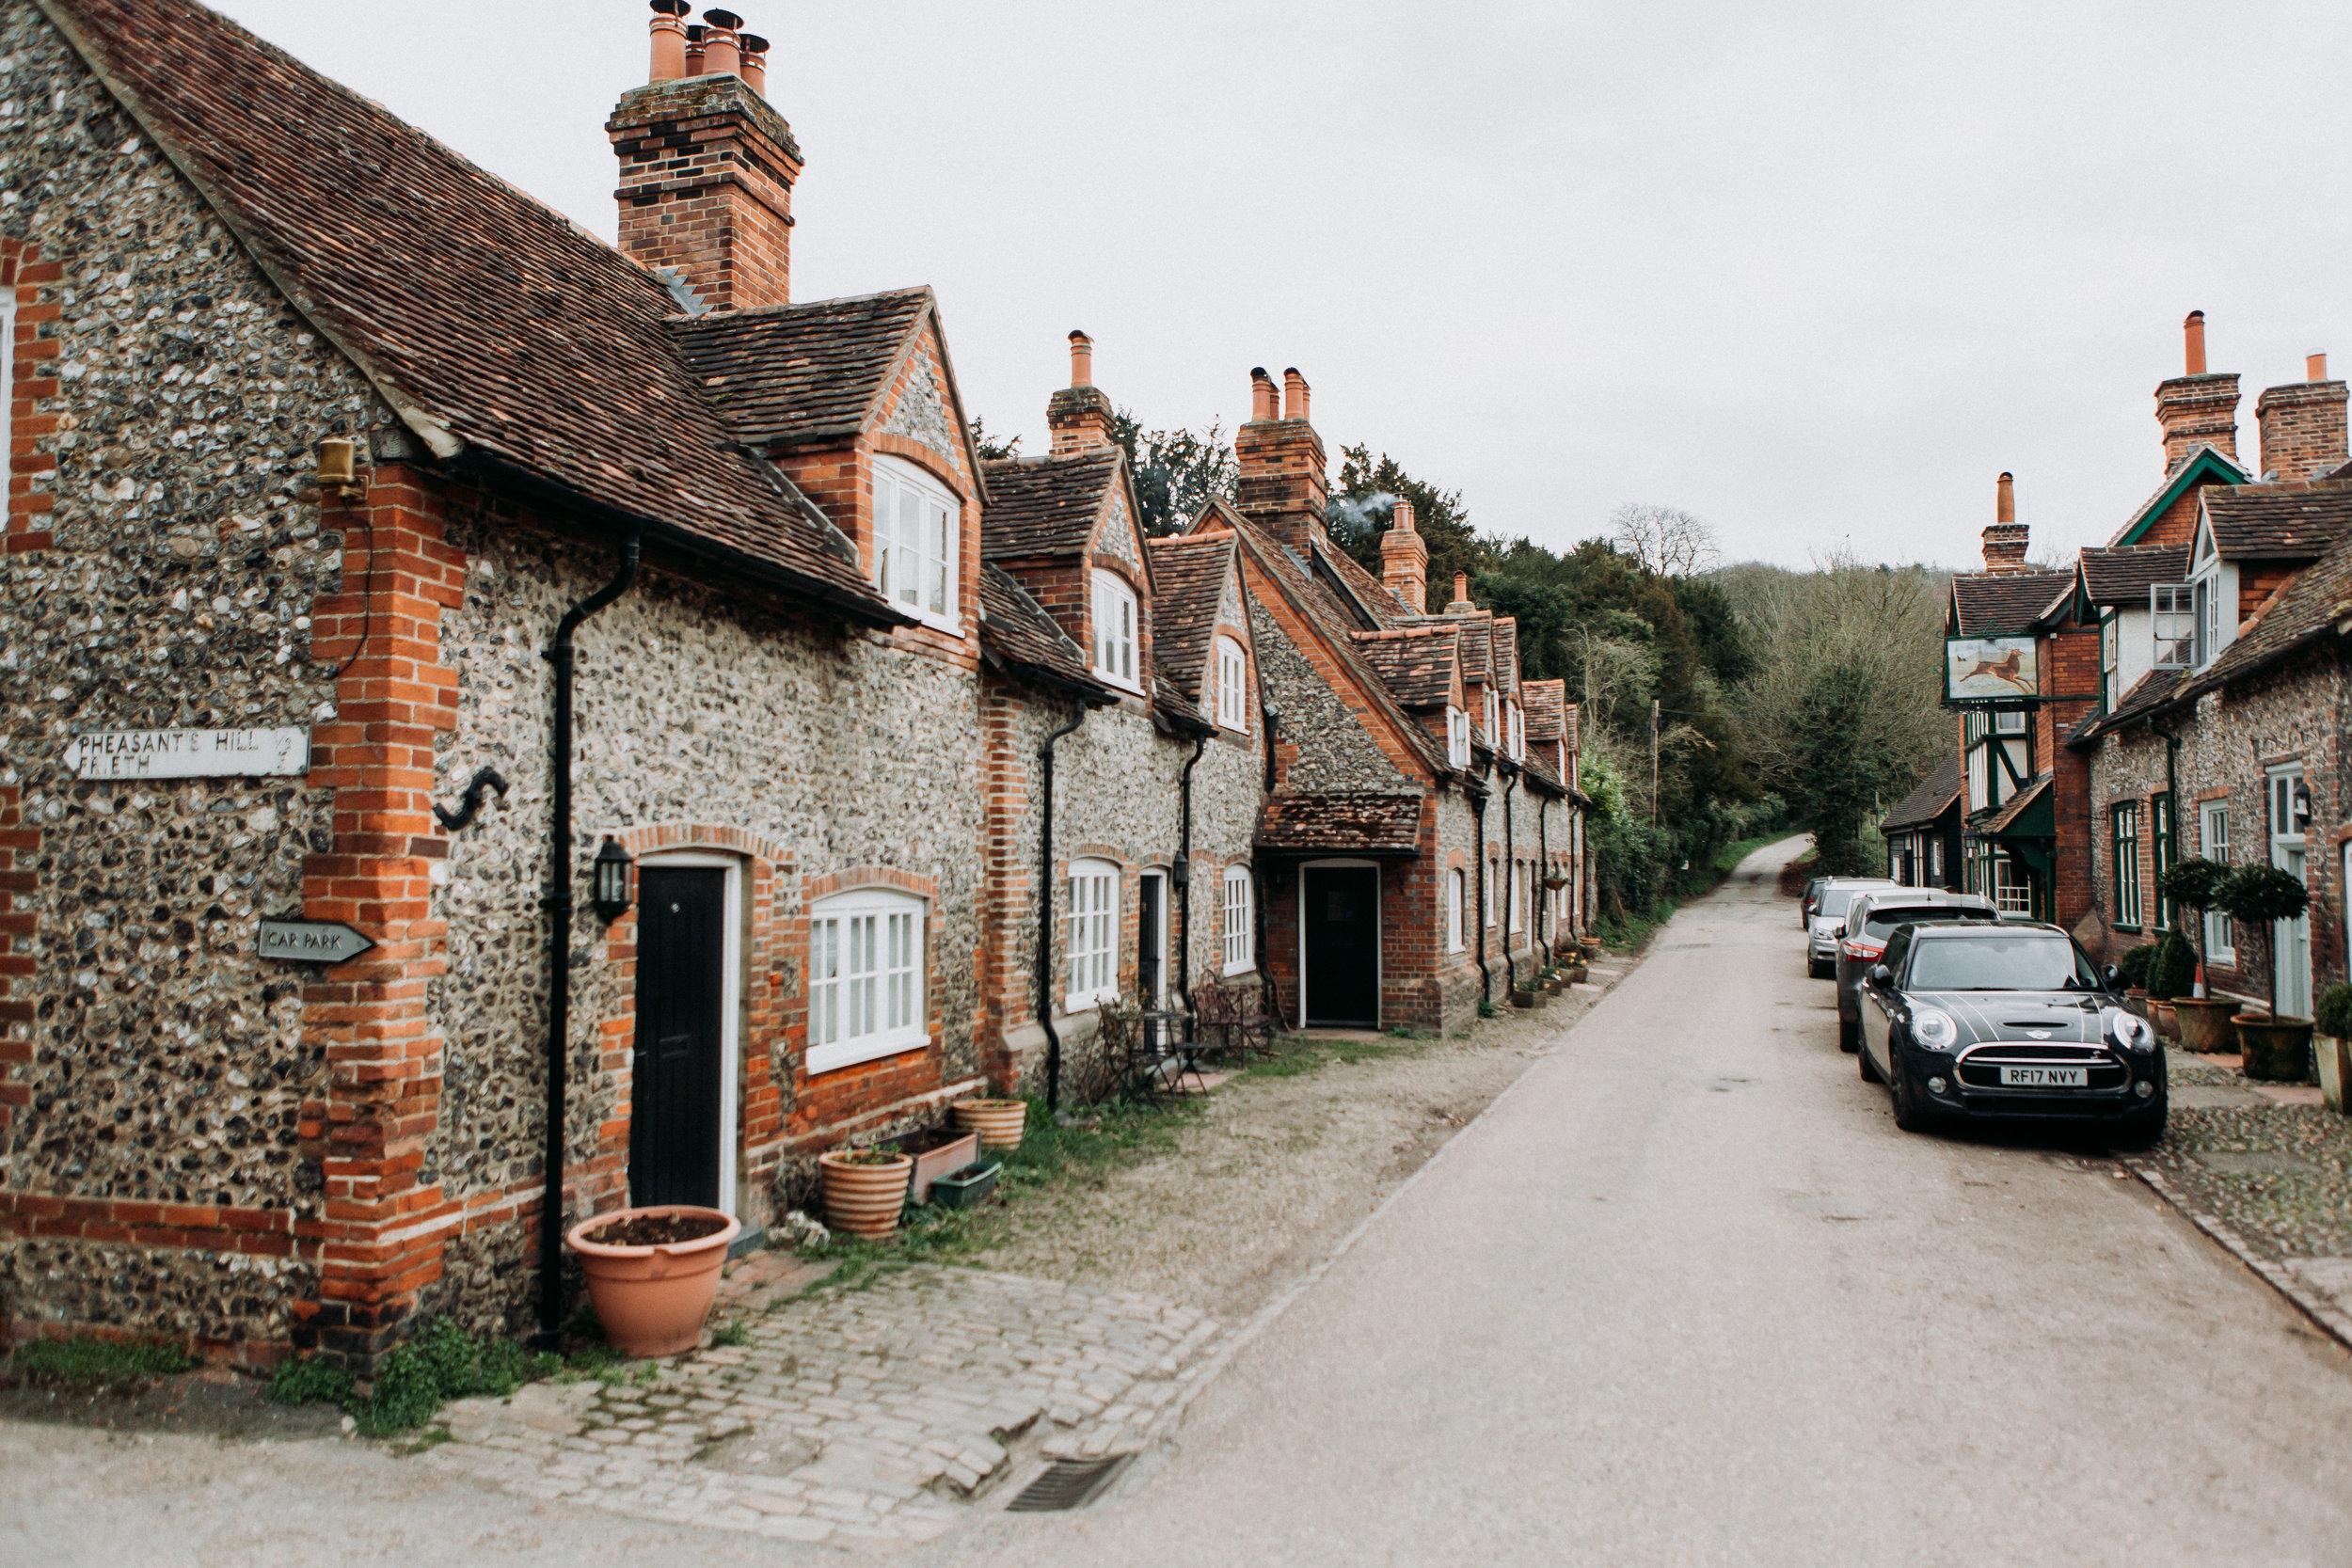 Hambleden Village in The Chilterns